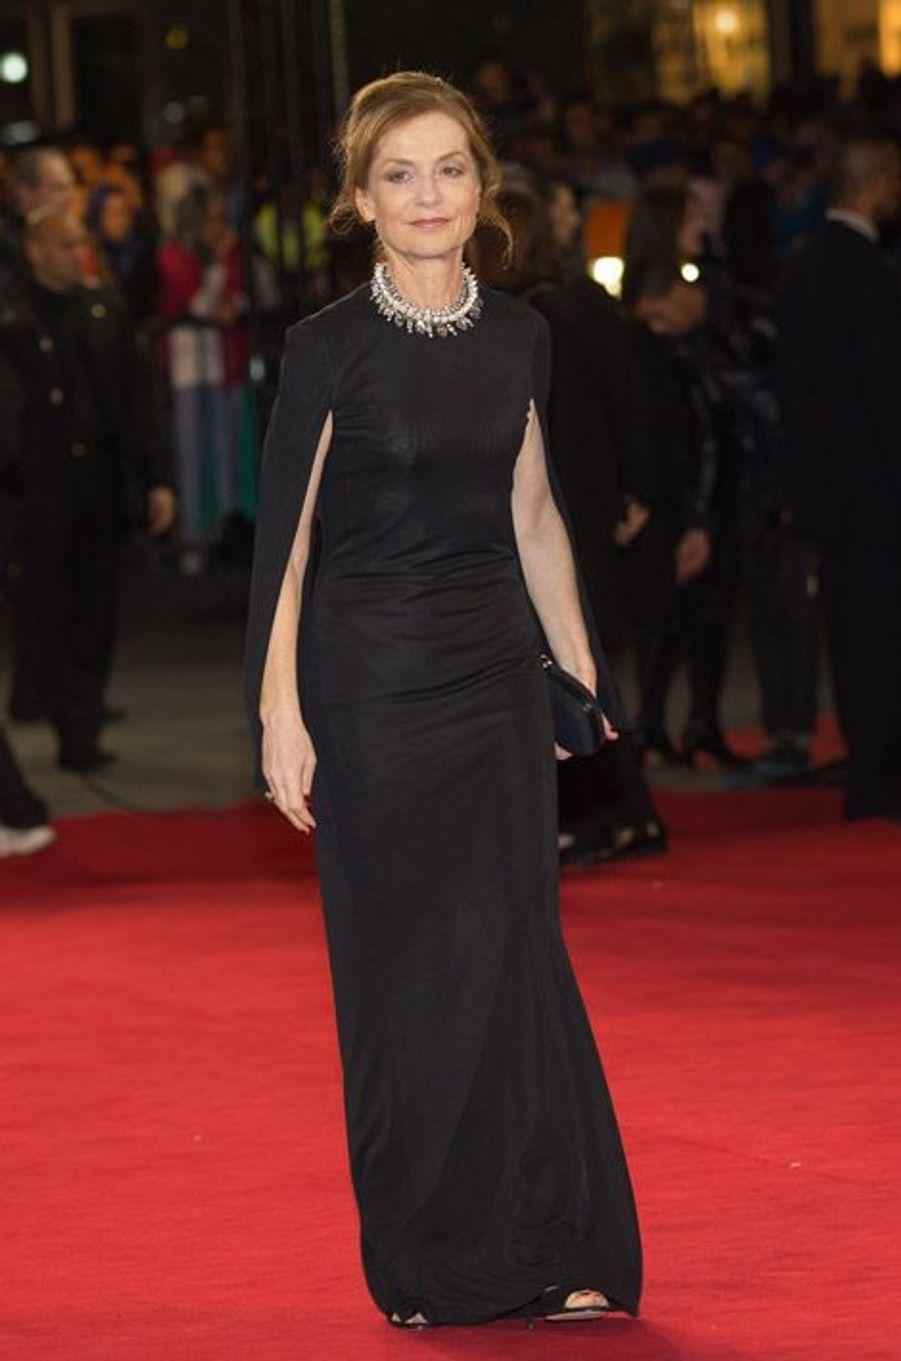 L'actrice française Isabelle Huppert au Festival du film du Marrakech le 6 décembre 2014